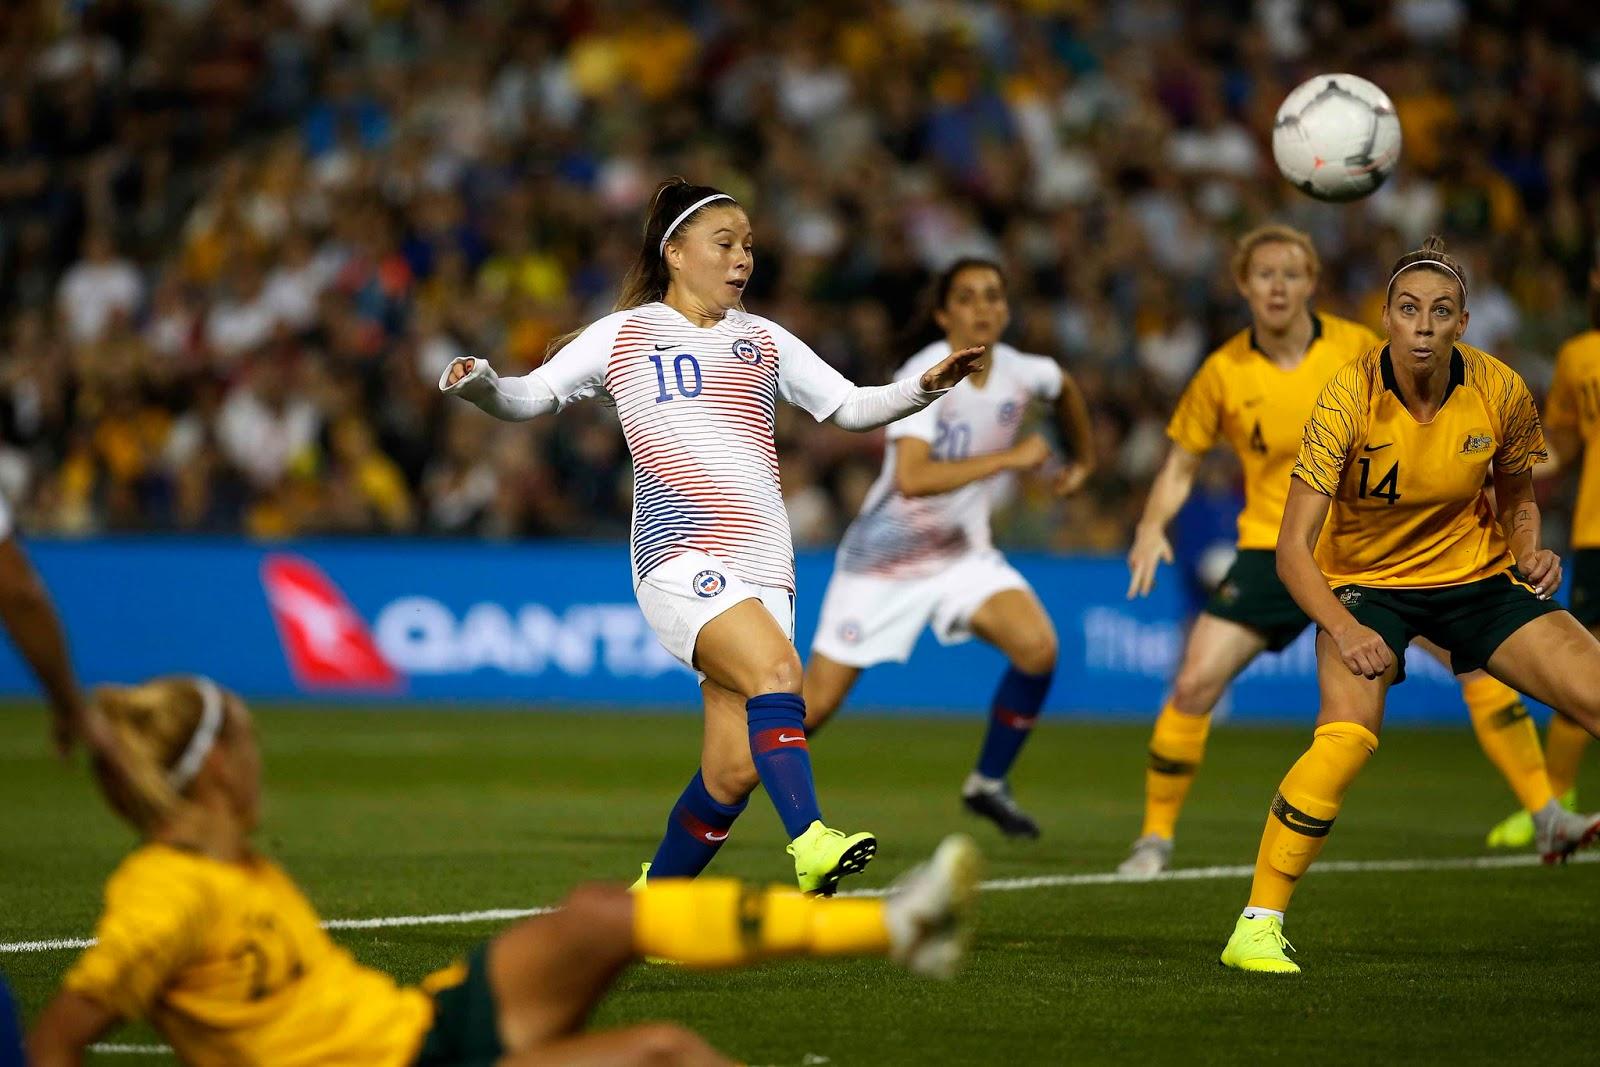 Australia y Chile en partido amistoso femenino, 13 de noviembre de 2018